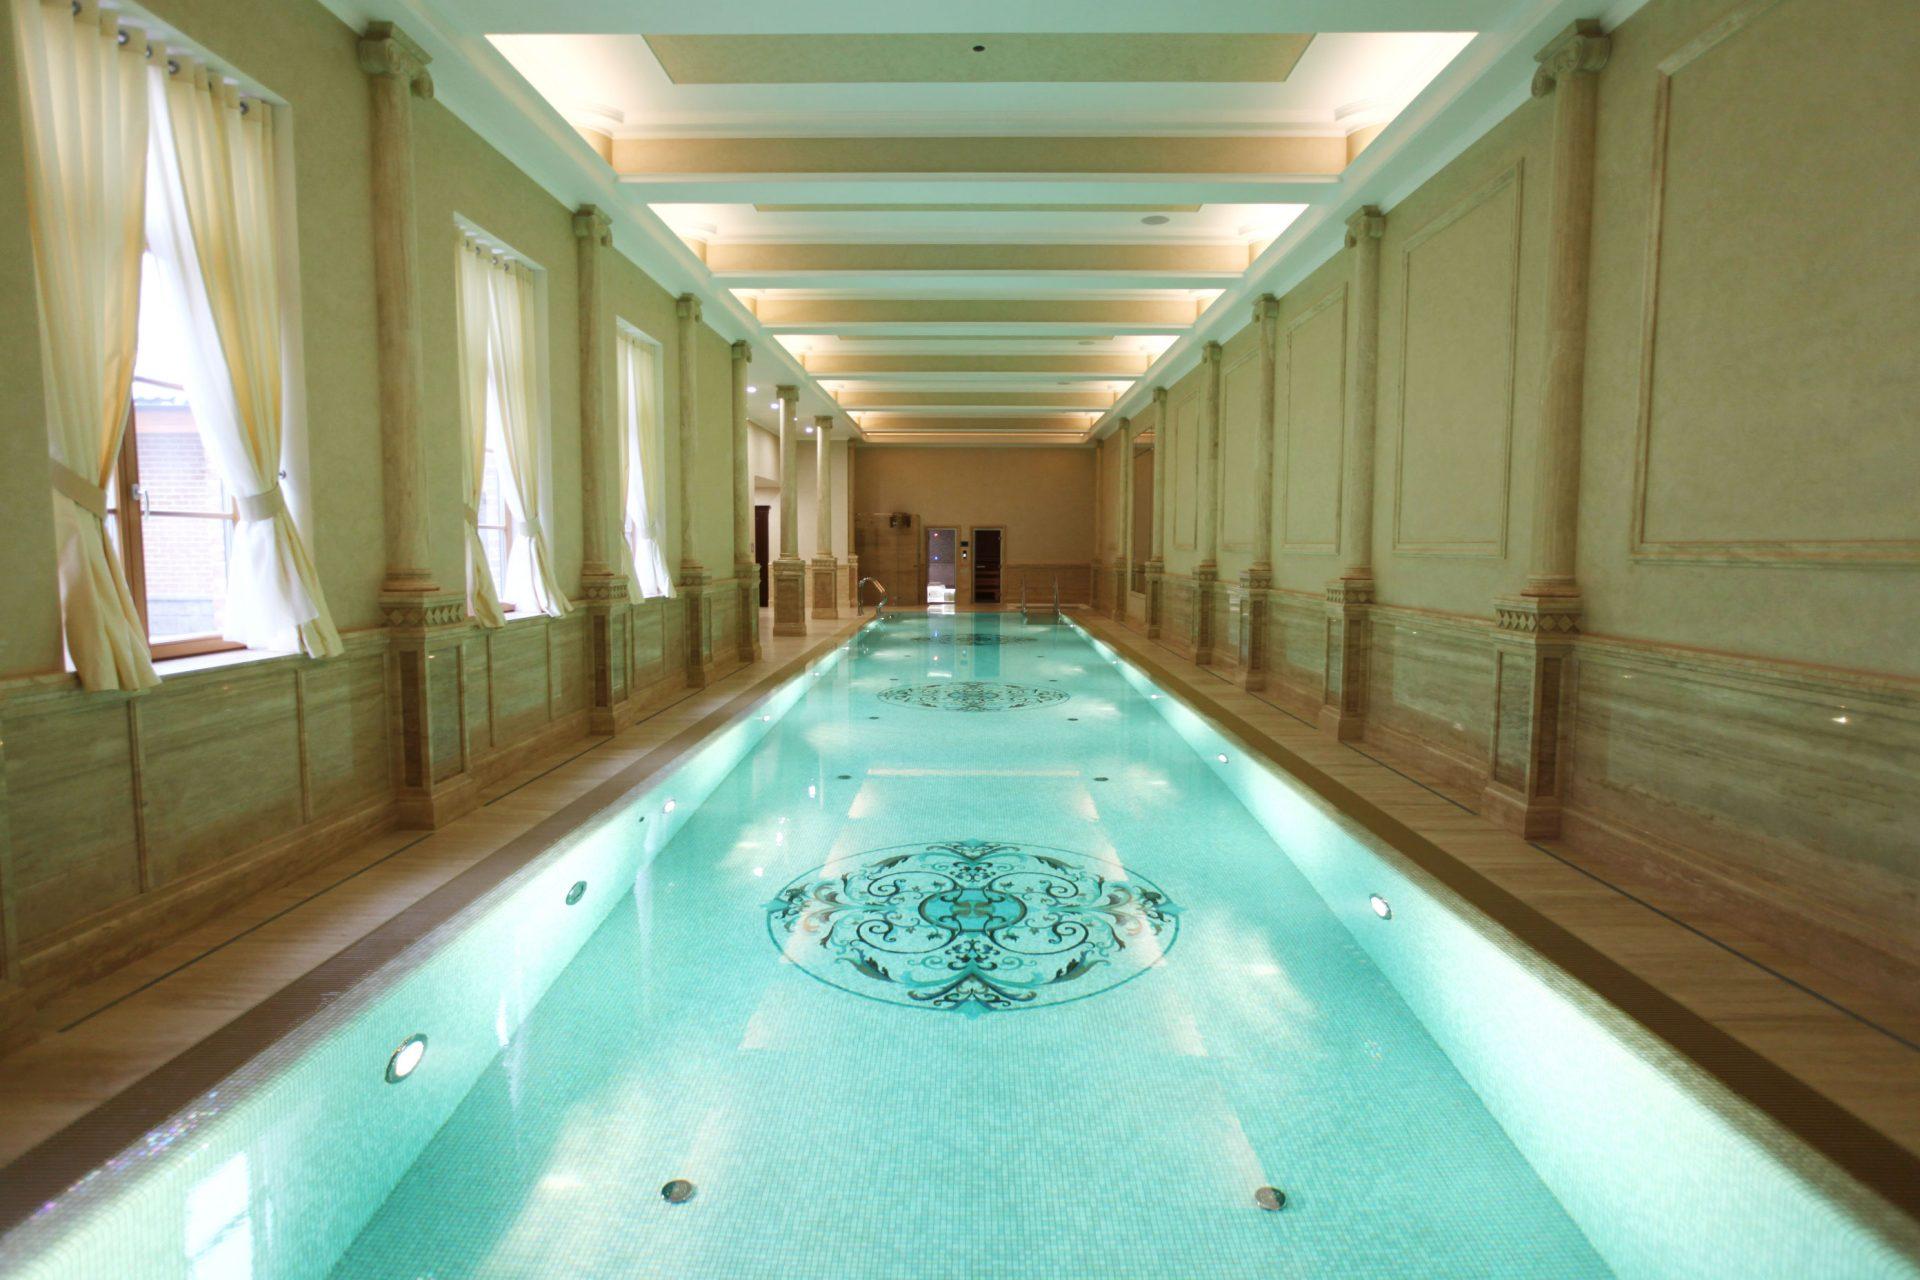 Частный бассейн 25 метров и джакузи с автоматическим покрытием для бассейна Allpools